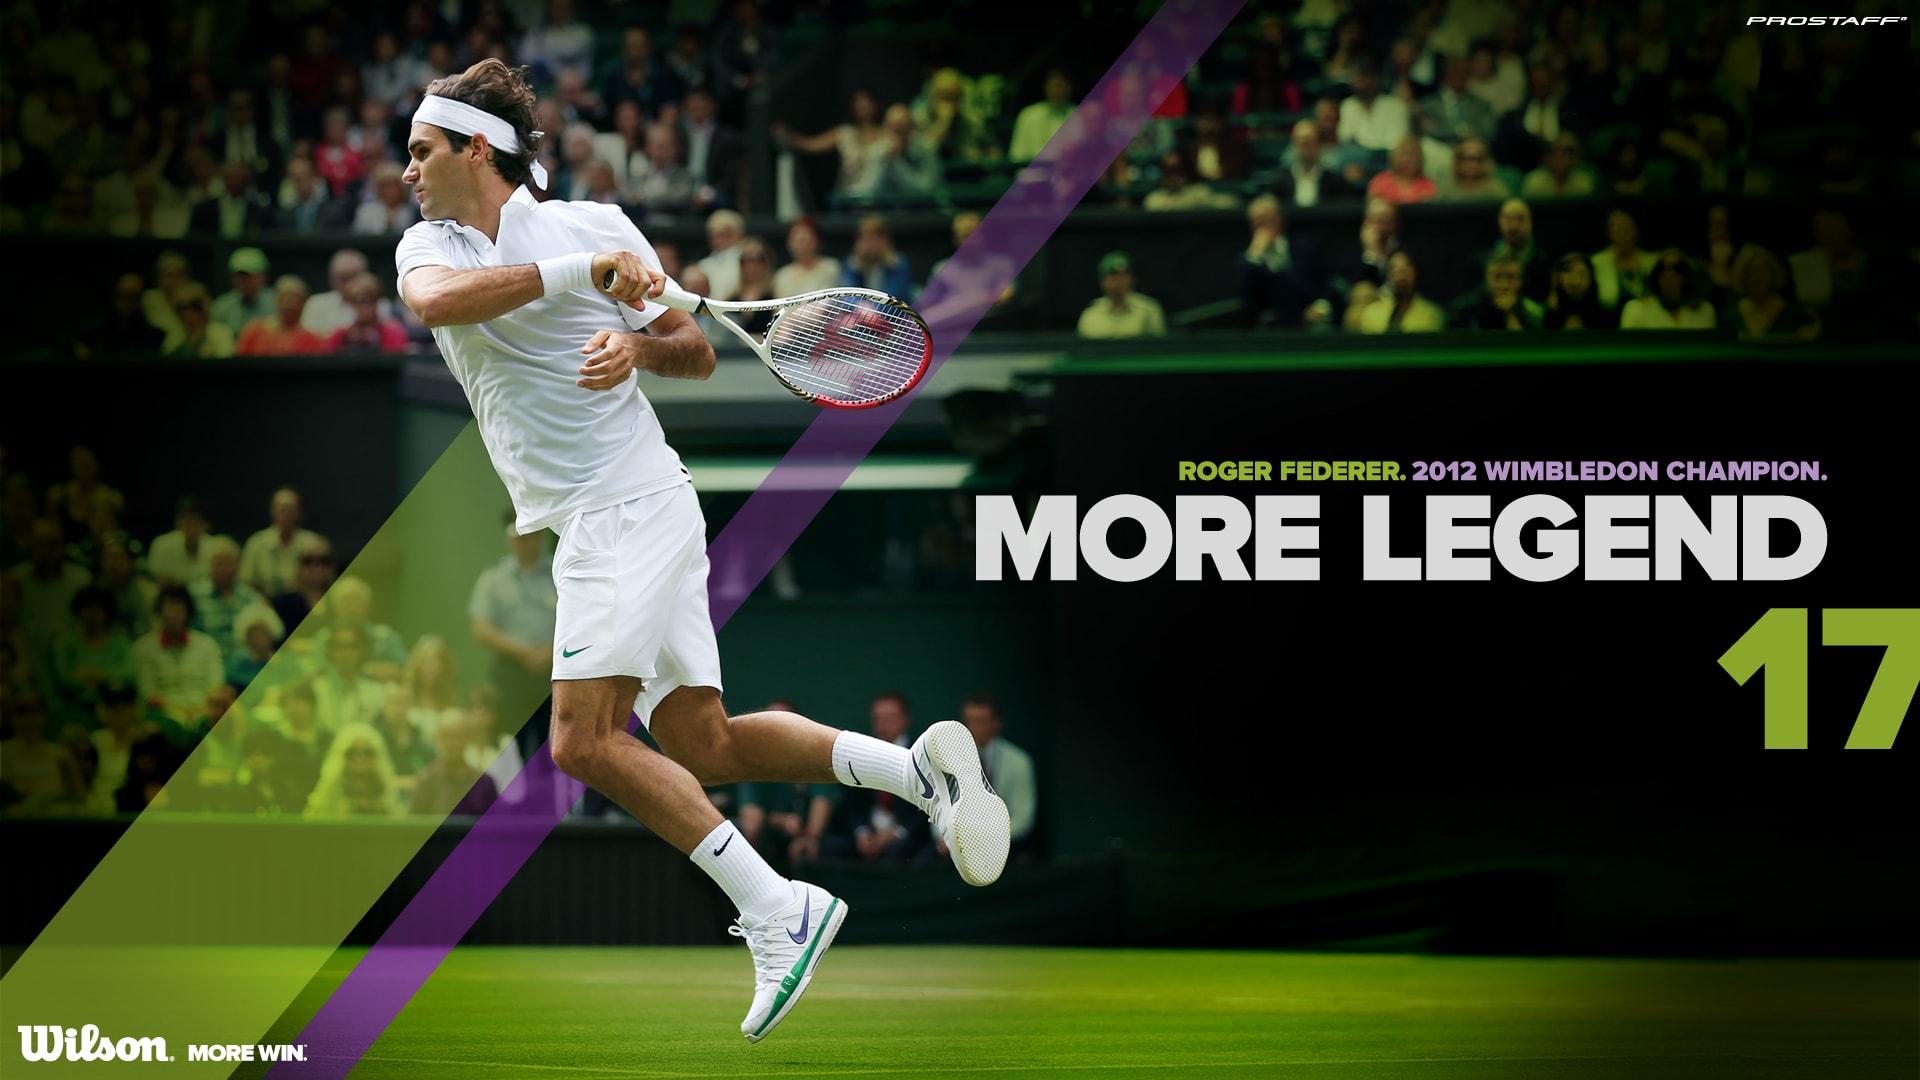 Roger Federer Backgrounds Roger Federer Wallpaper Wimbledon 1920x1080 Download Hd Wallpaper Wallpapertip